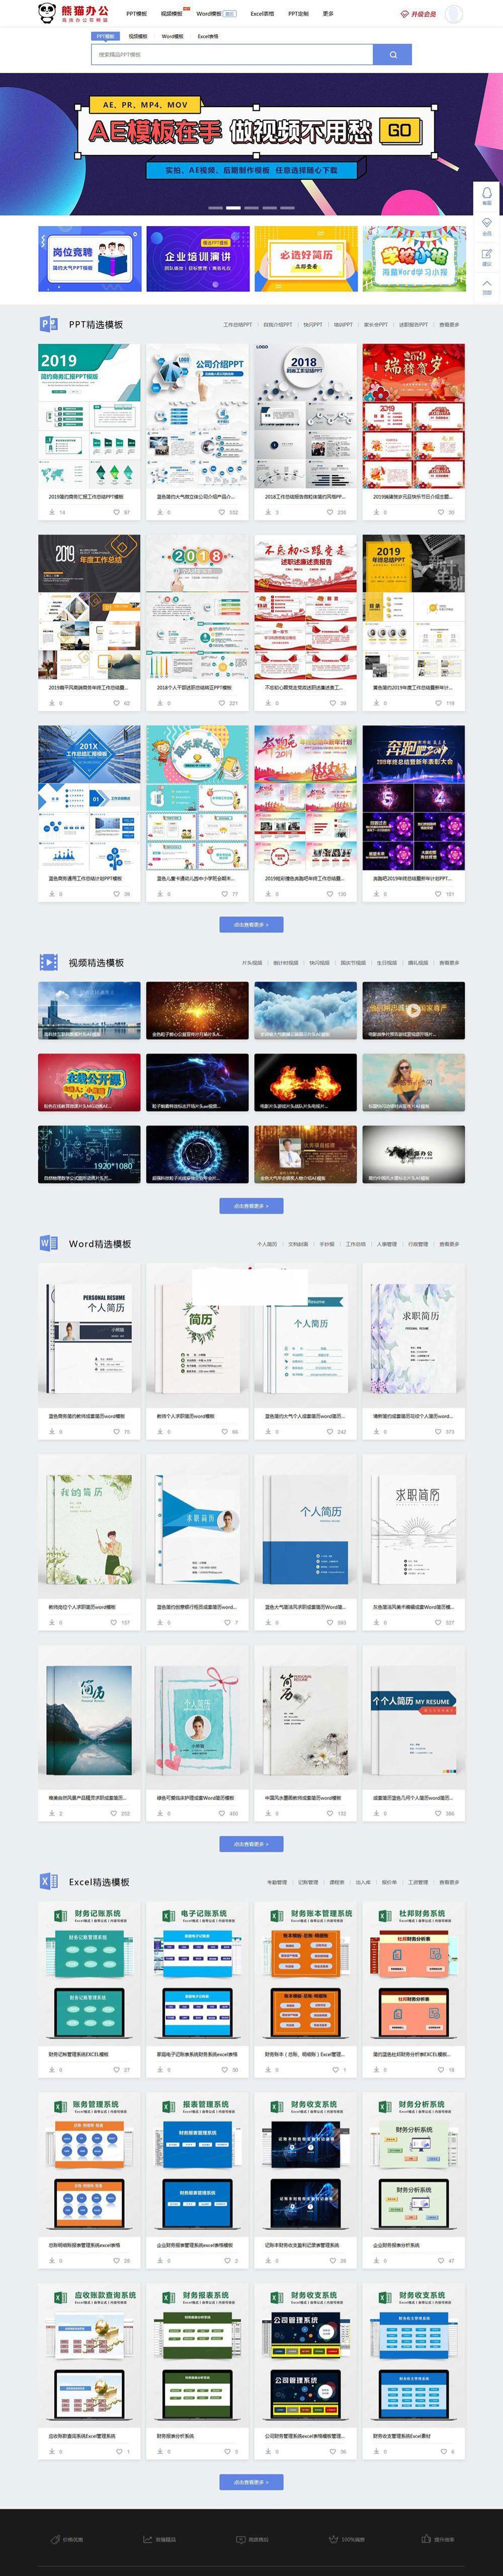 帝国PPT素材站模板,帝国CMS仿熊猫办公PPT素材网源码